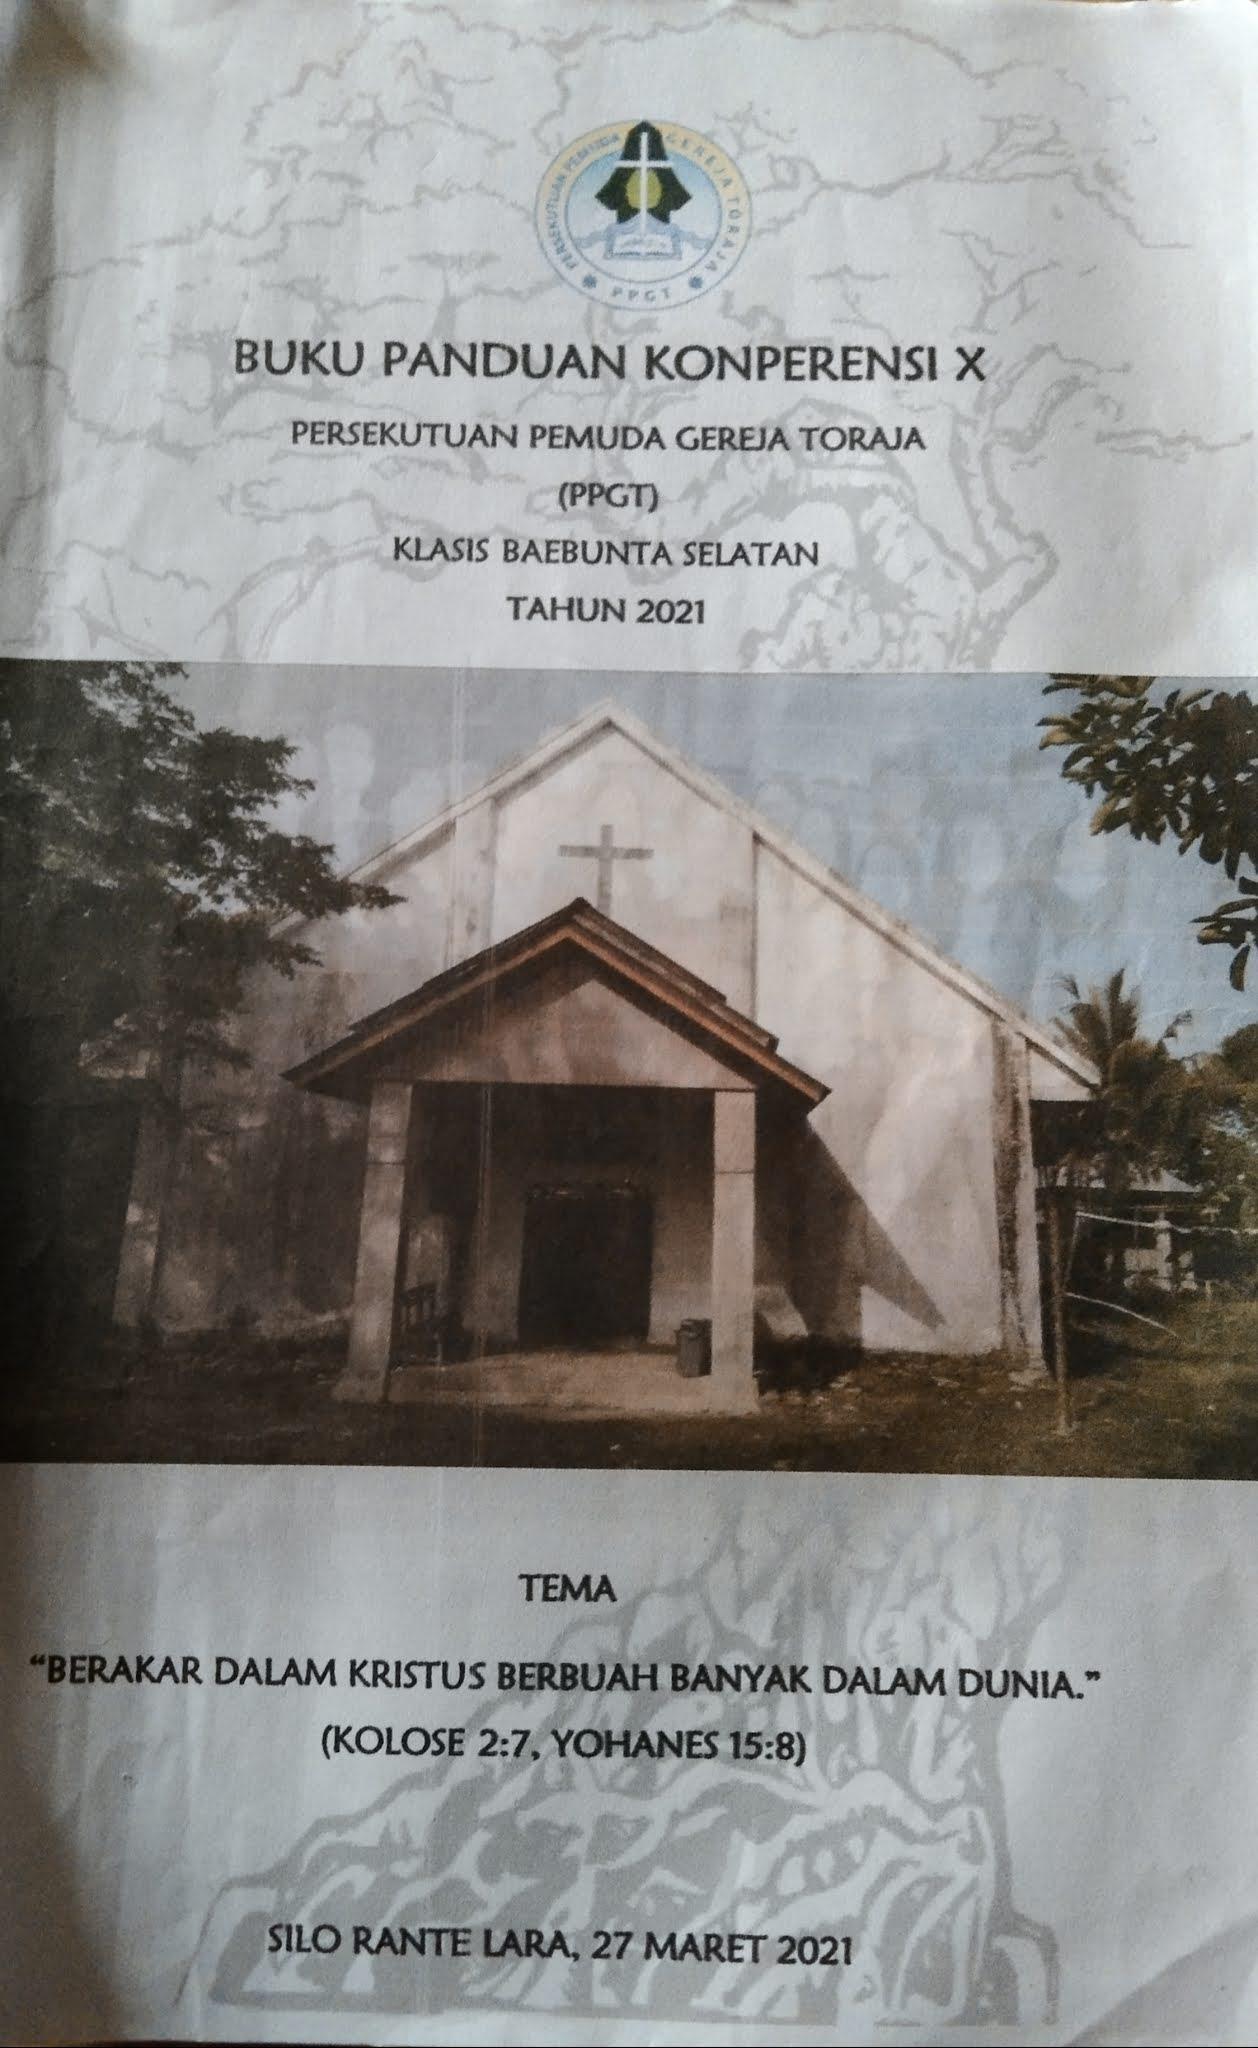 Buku Panduan Konperensi X PPGT Klasis Baebunta Selatan